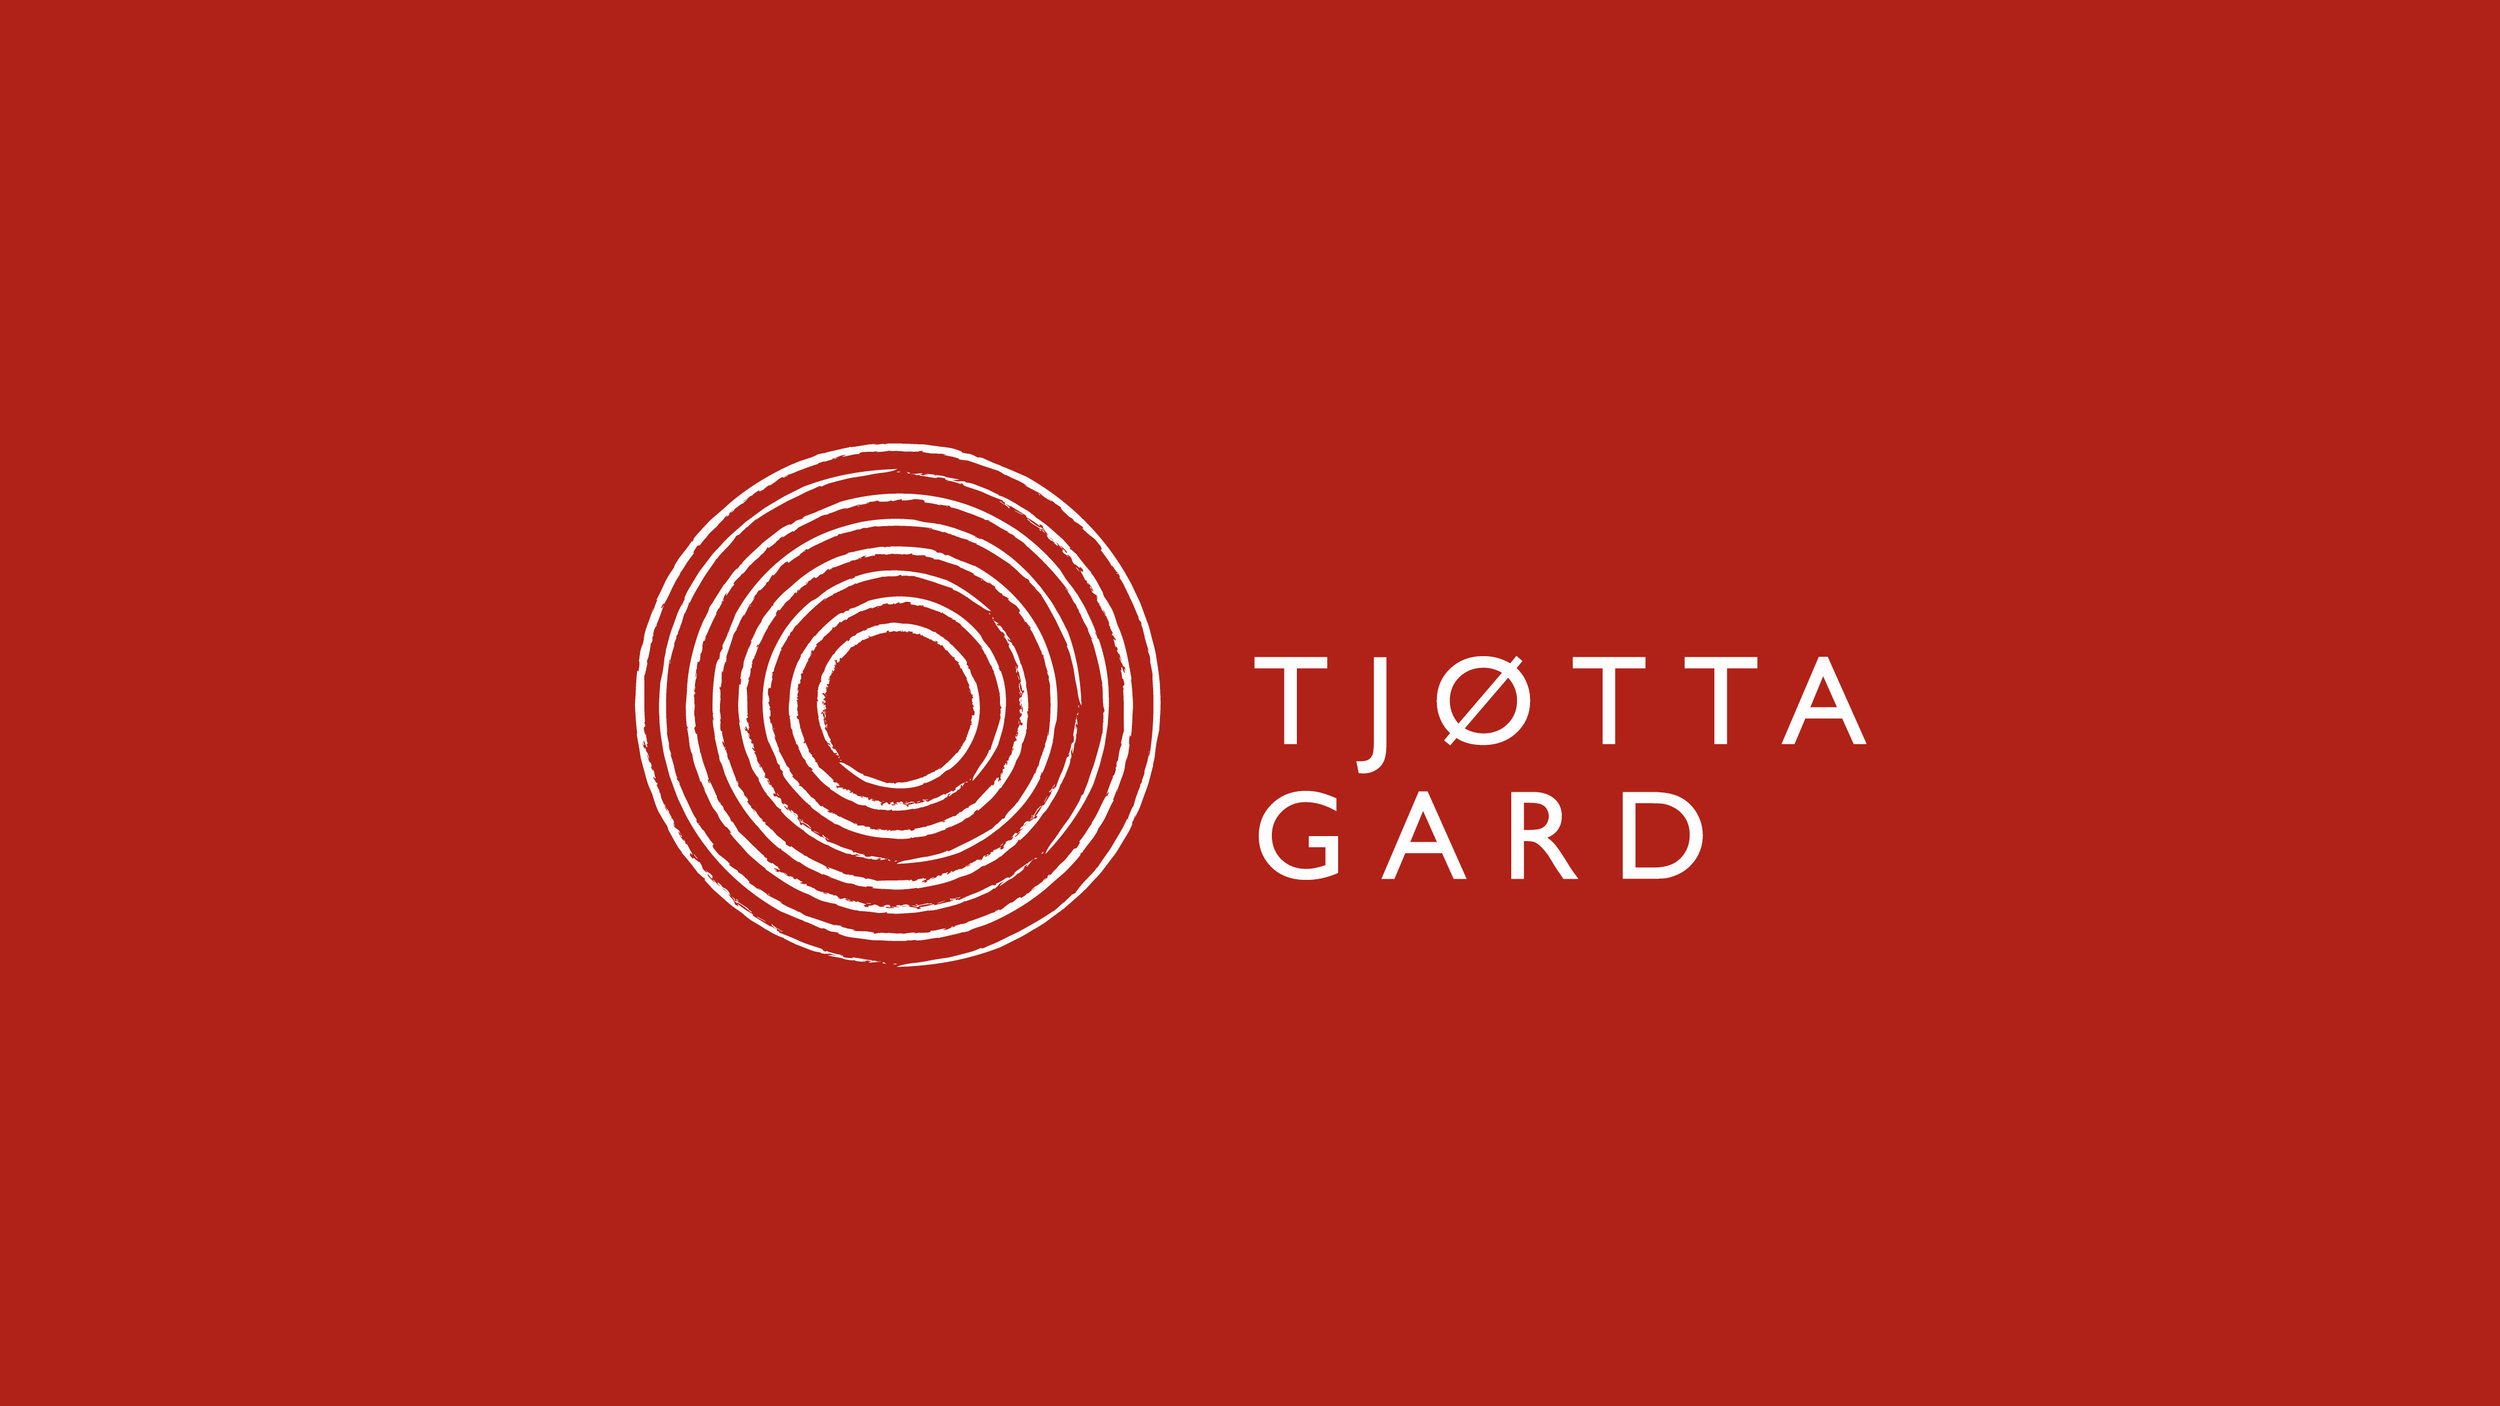 Tjøtta_Gard_presentasjon_justert_logo2.jpg